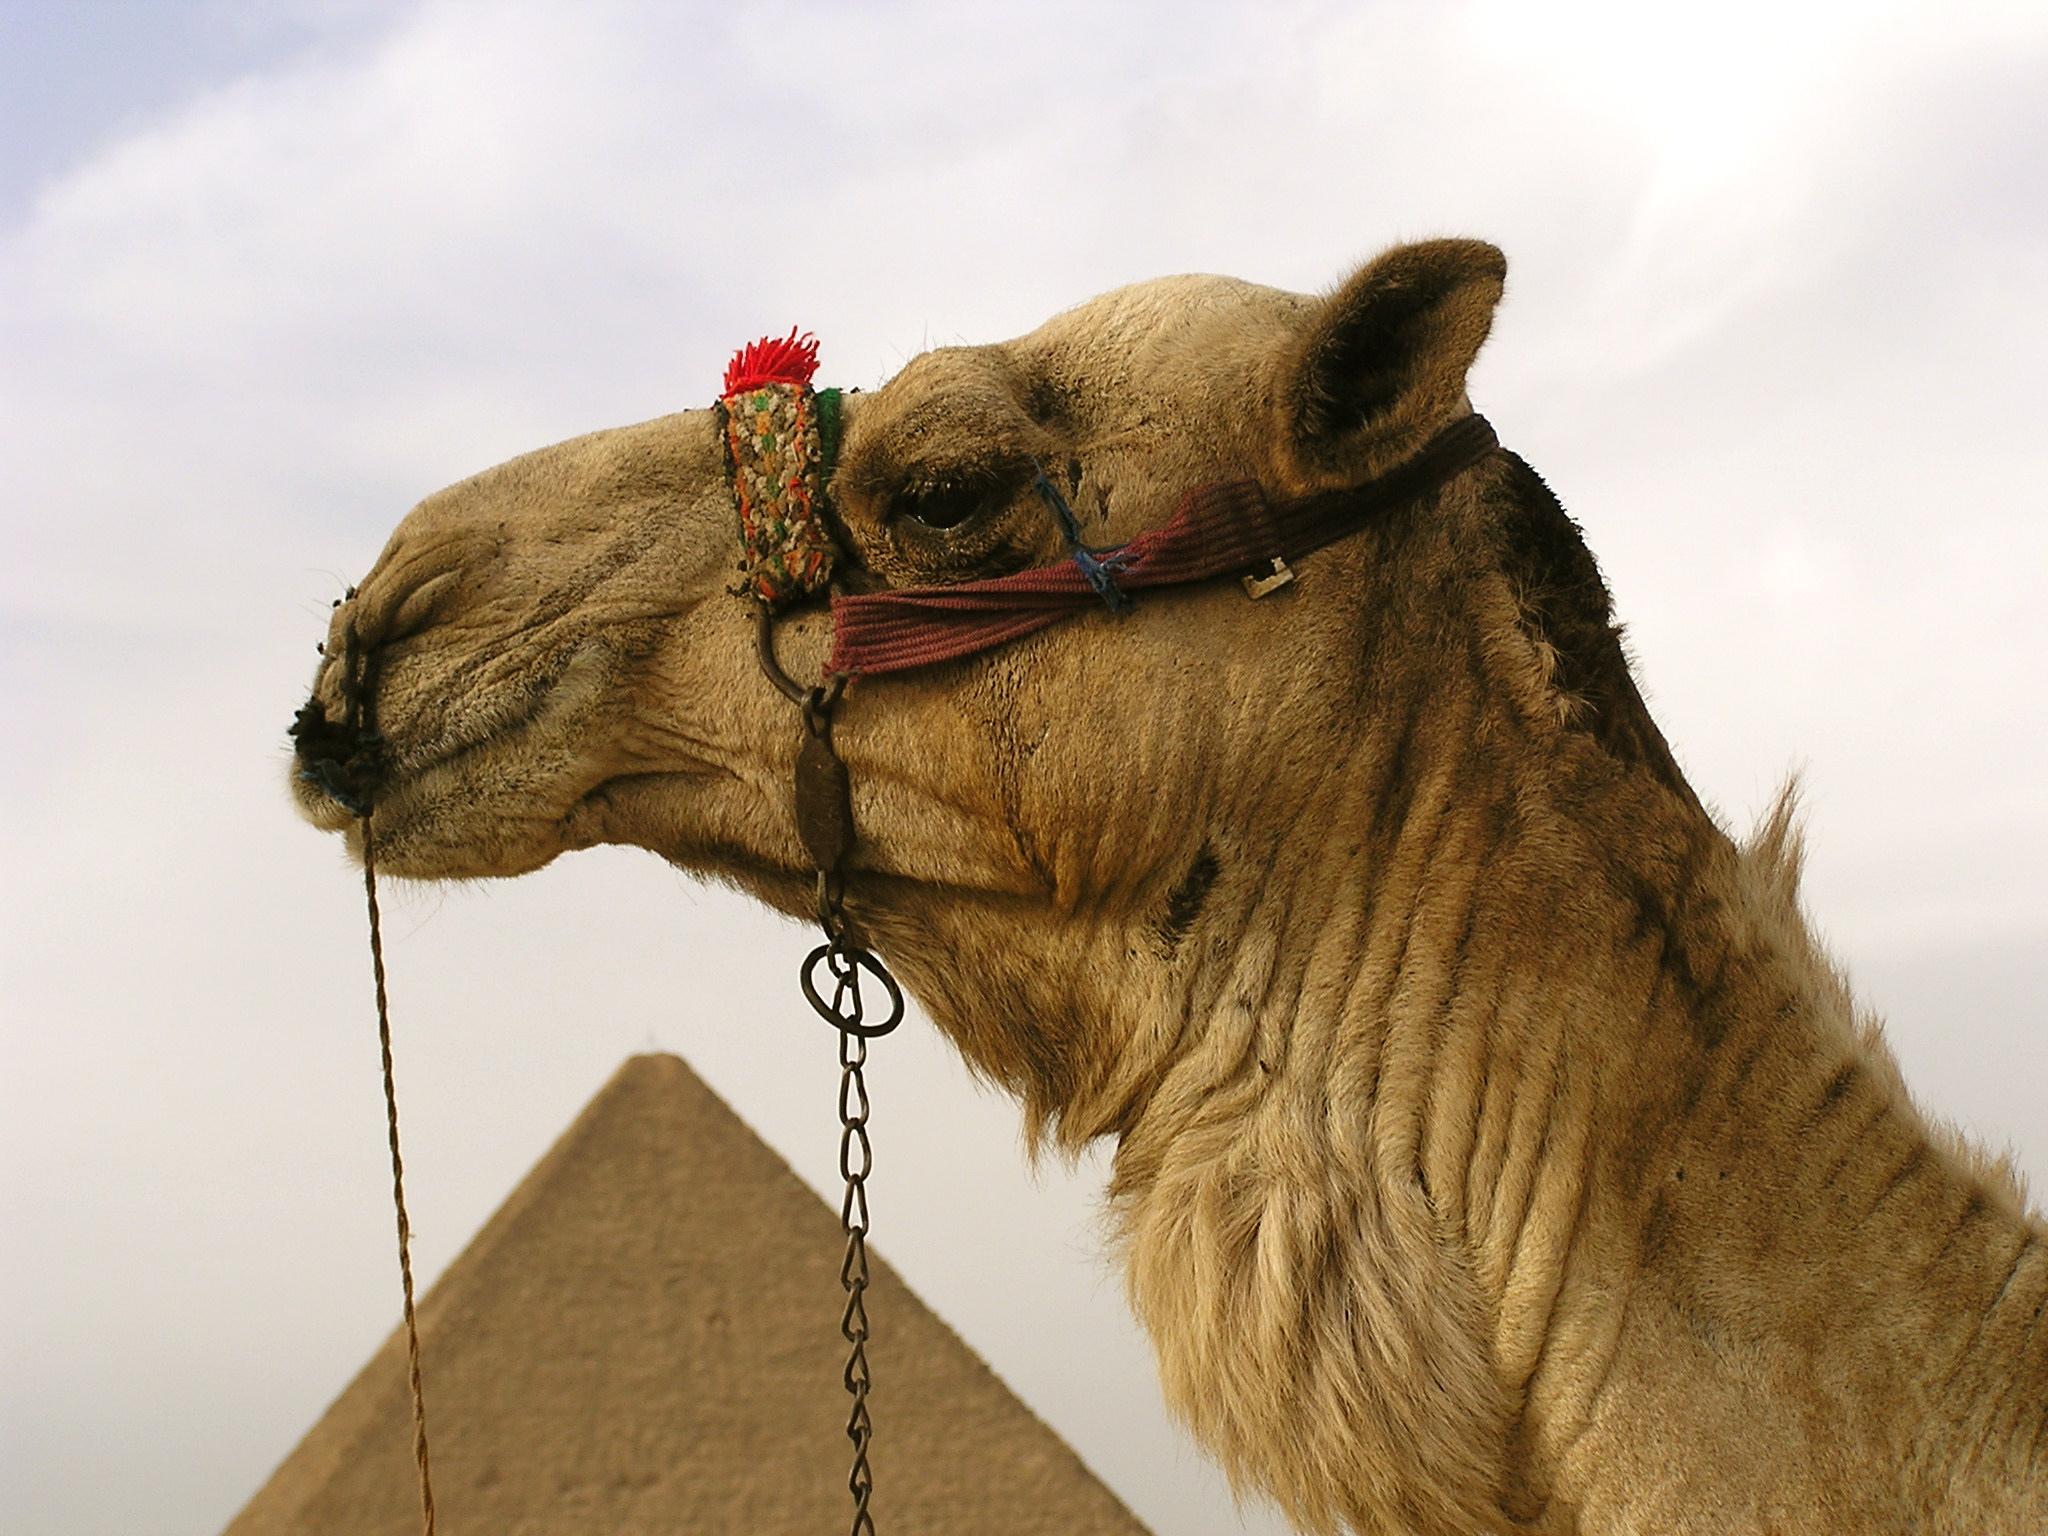 Camel & Pyramid, Giza